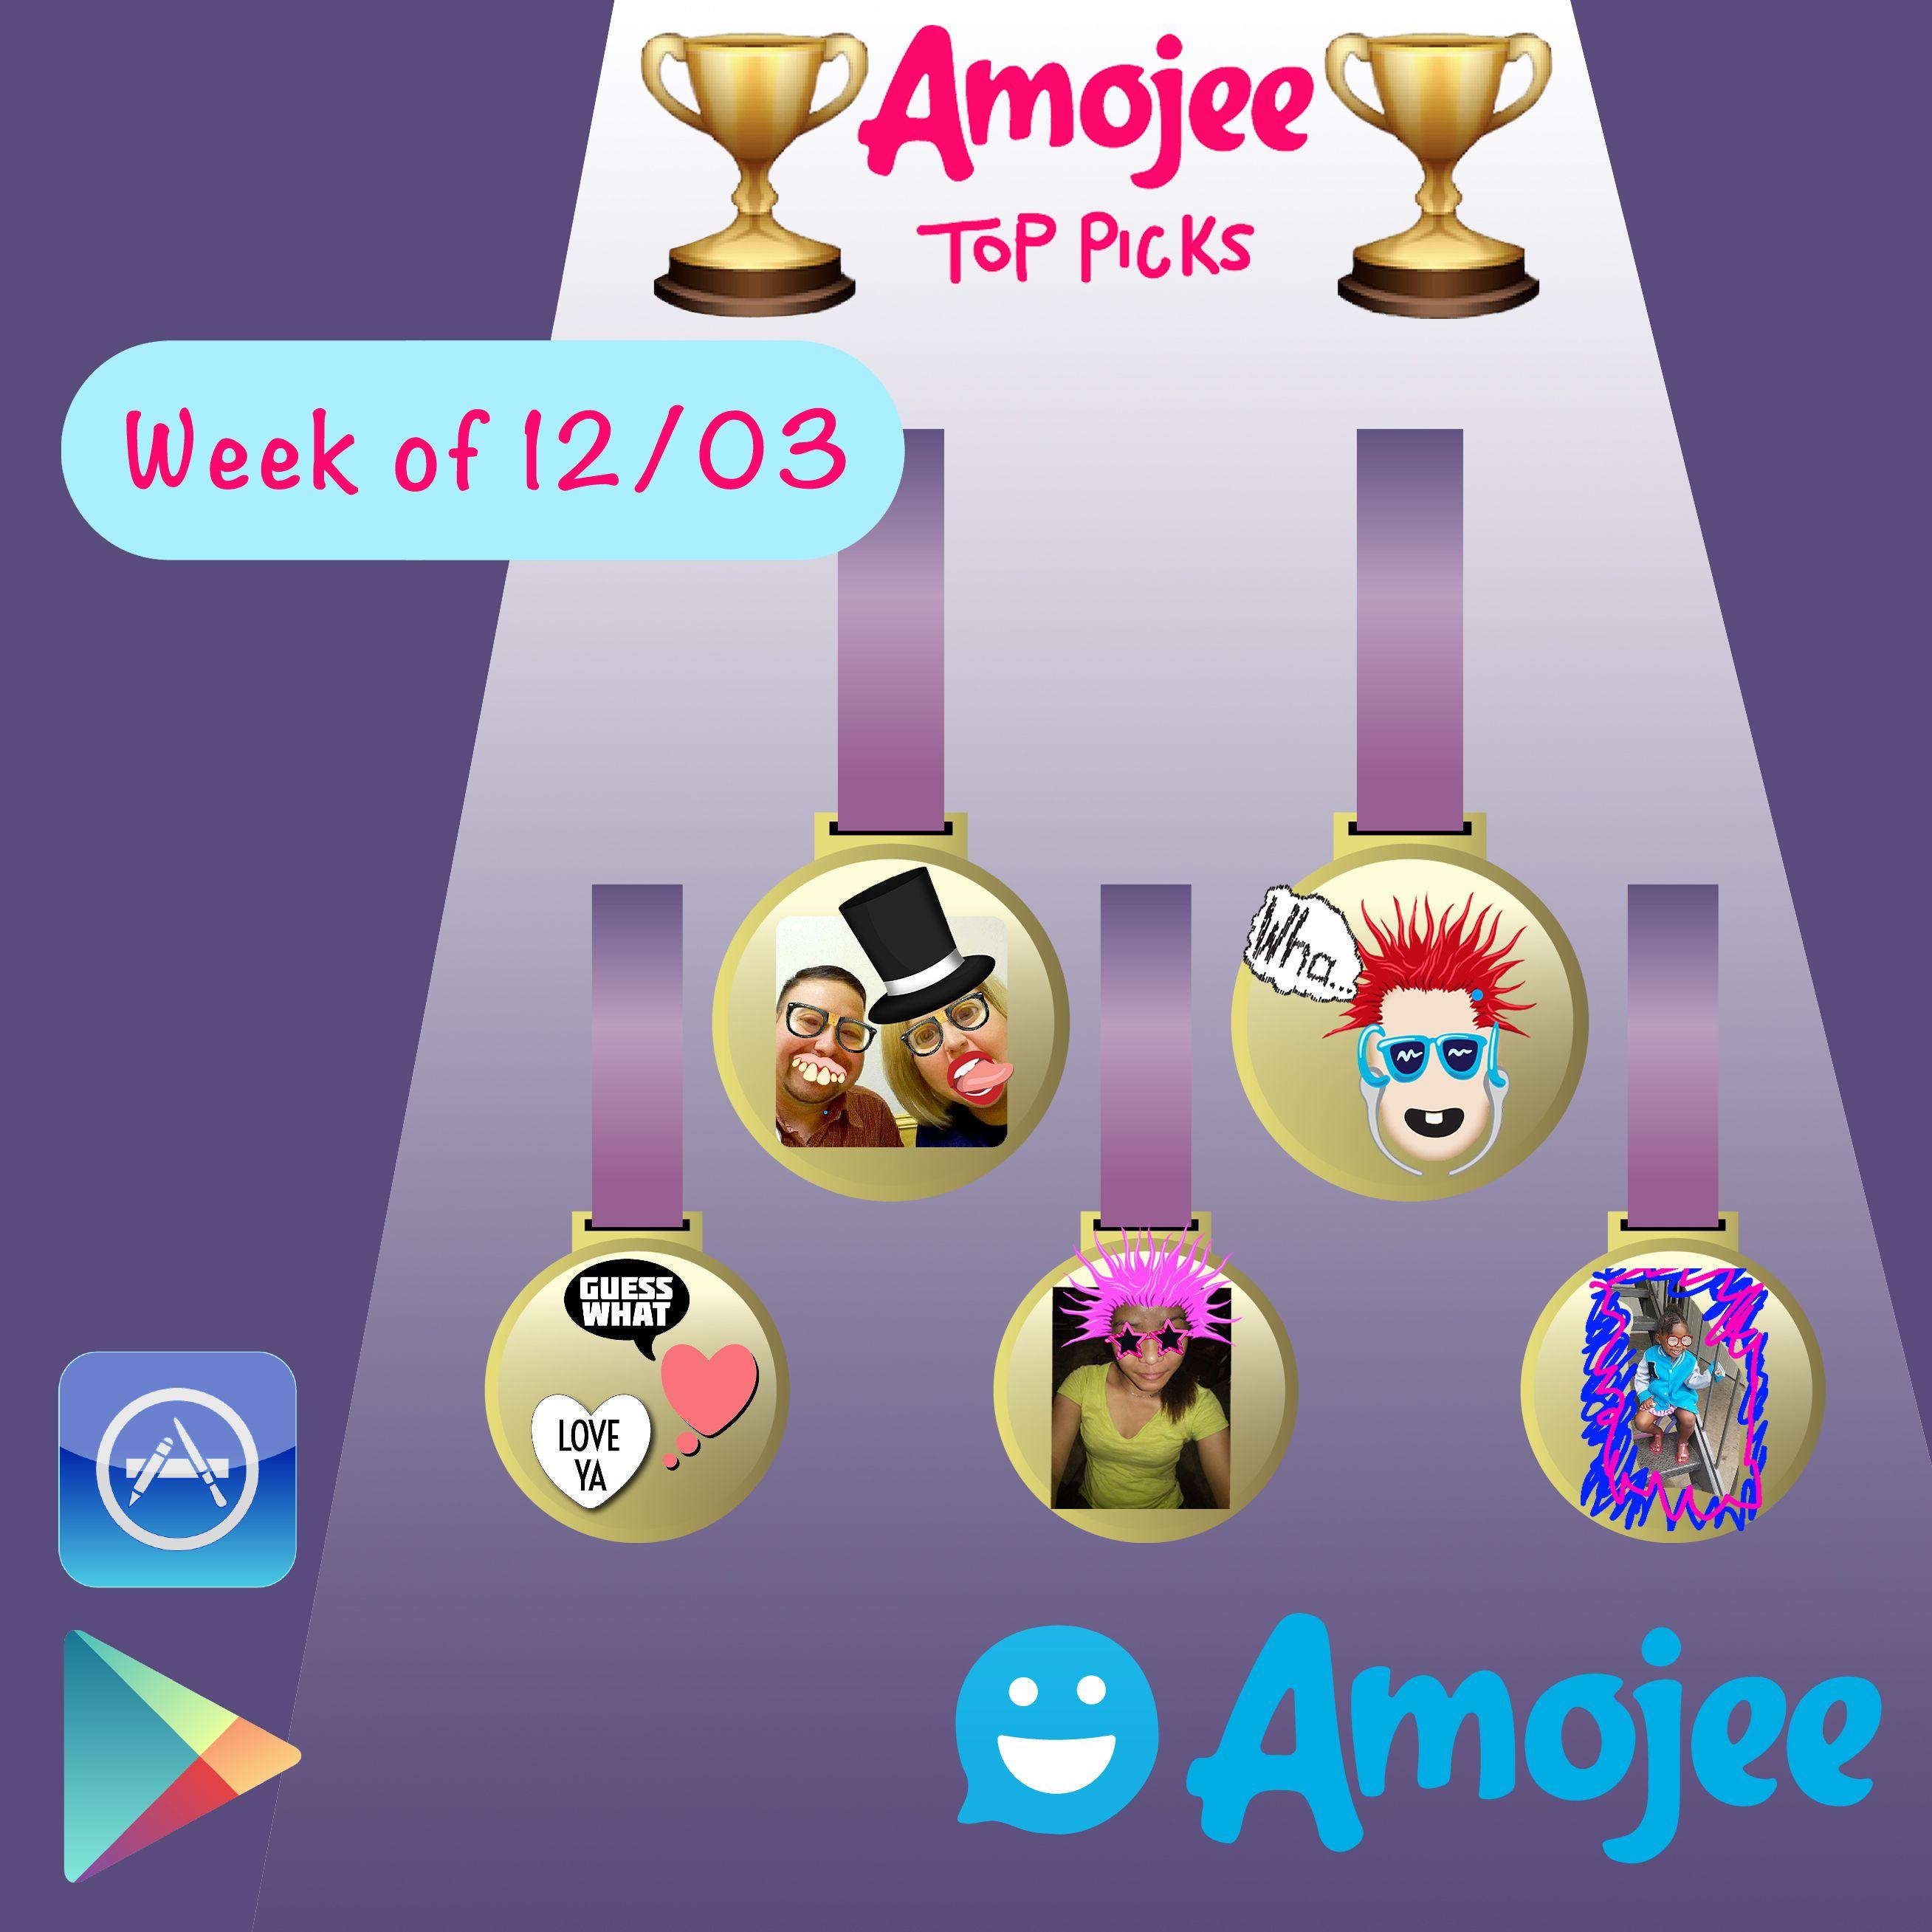 Pin By Amojee App On Top Emoji Picks Of The Week